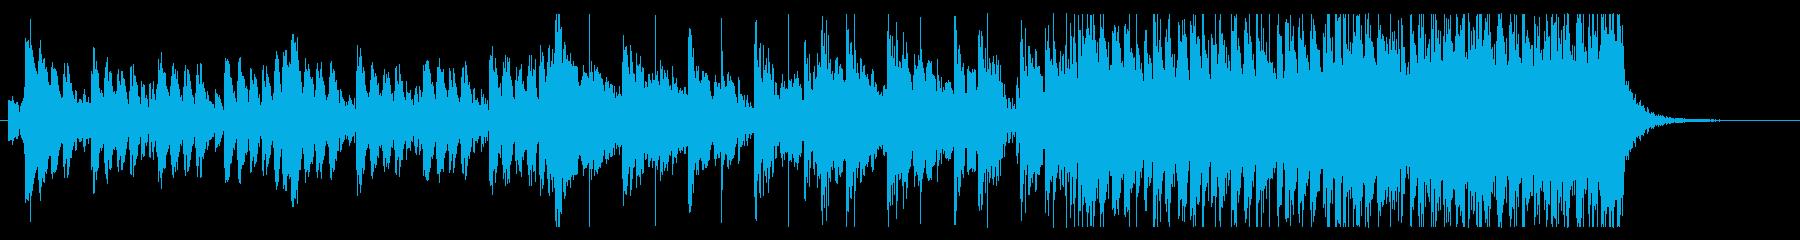 『戦いの決着』的な雰囲気のエピックBGMの再生済みの波形